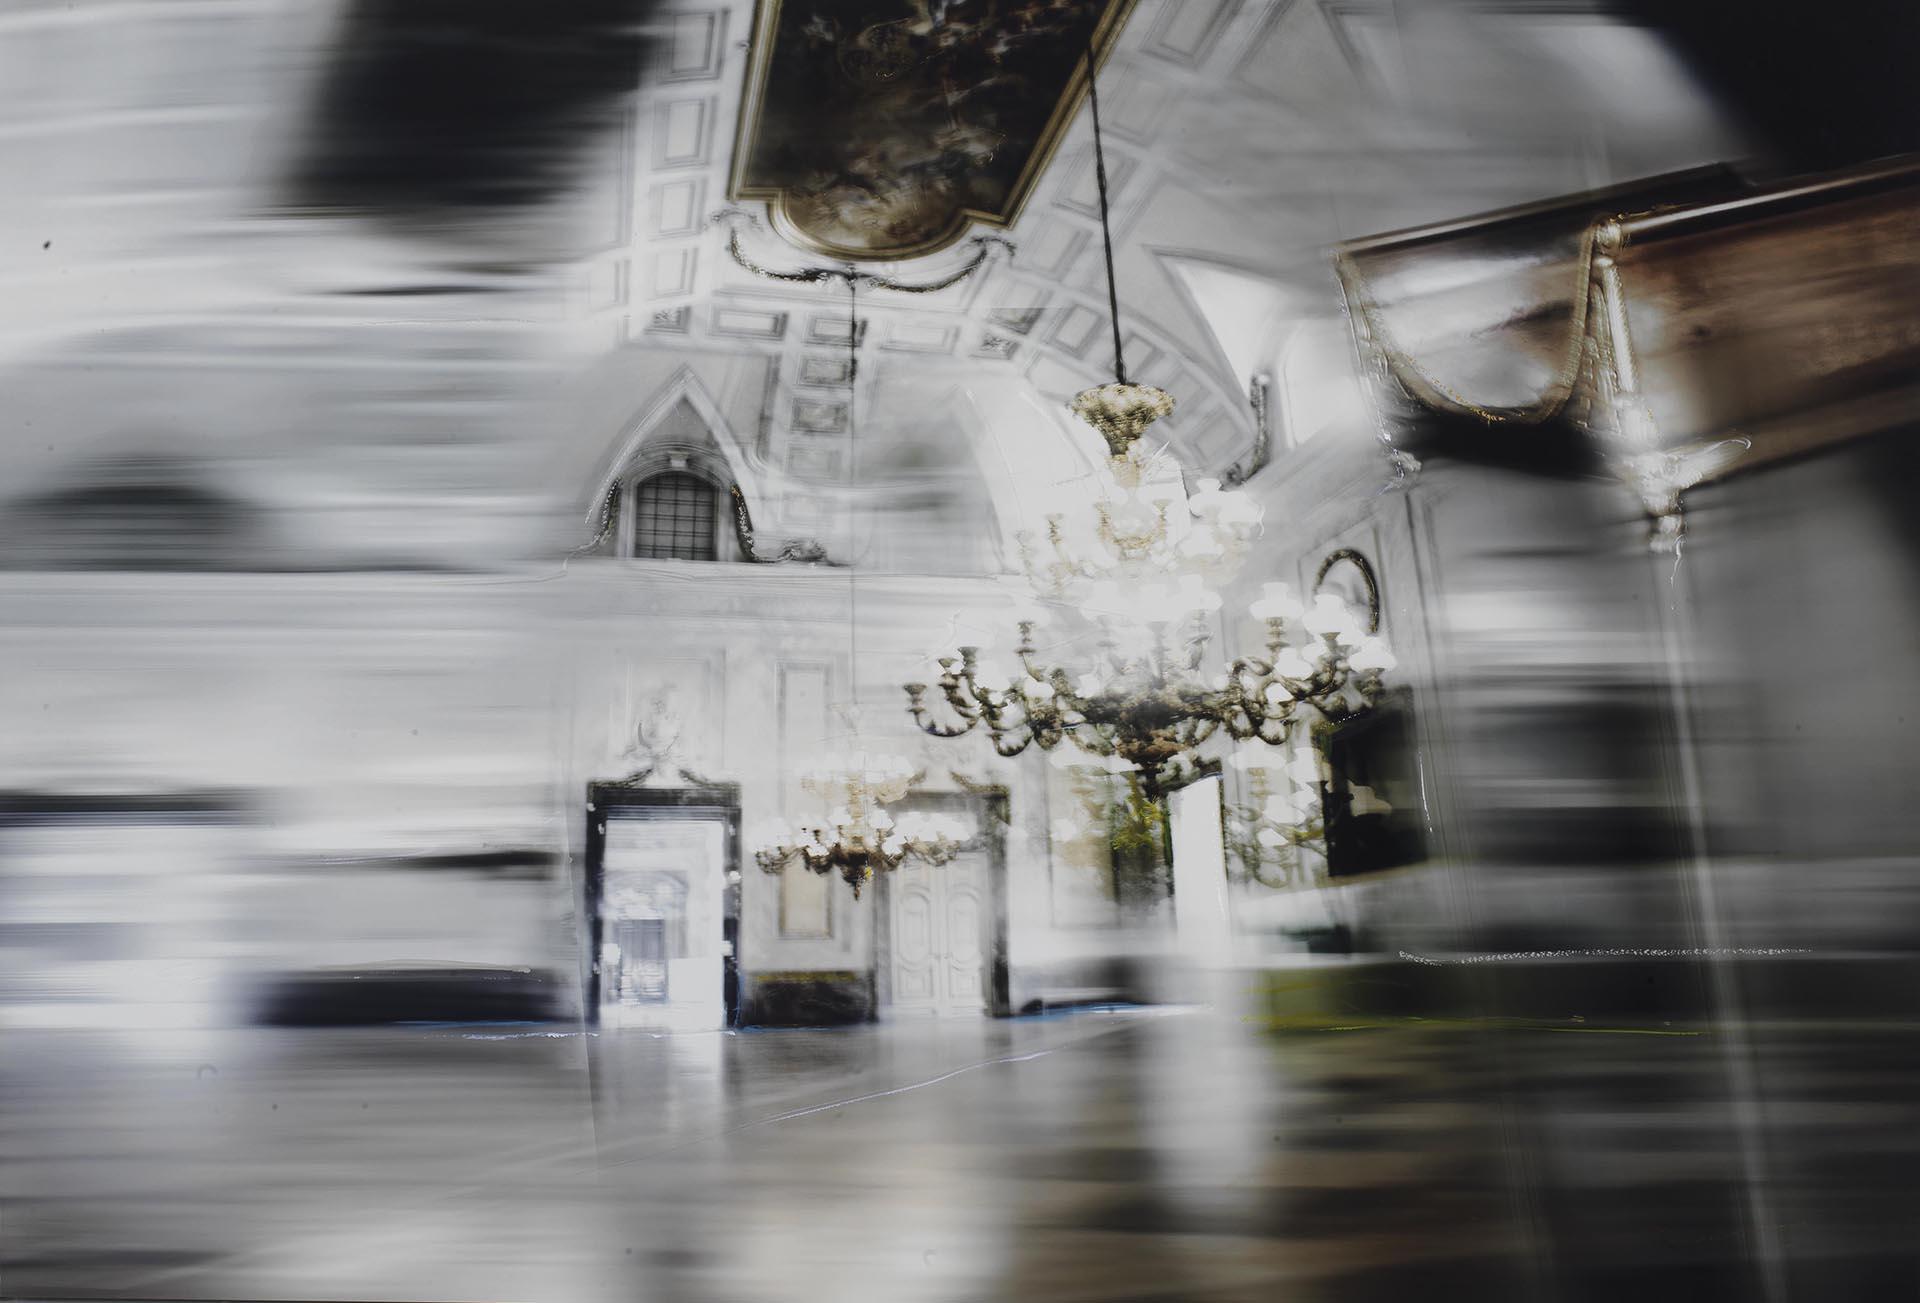 Maiorano, La leggerezza di un sogno, 2008, 150x220 cm